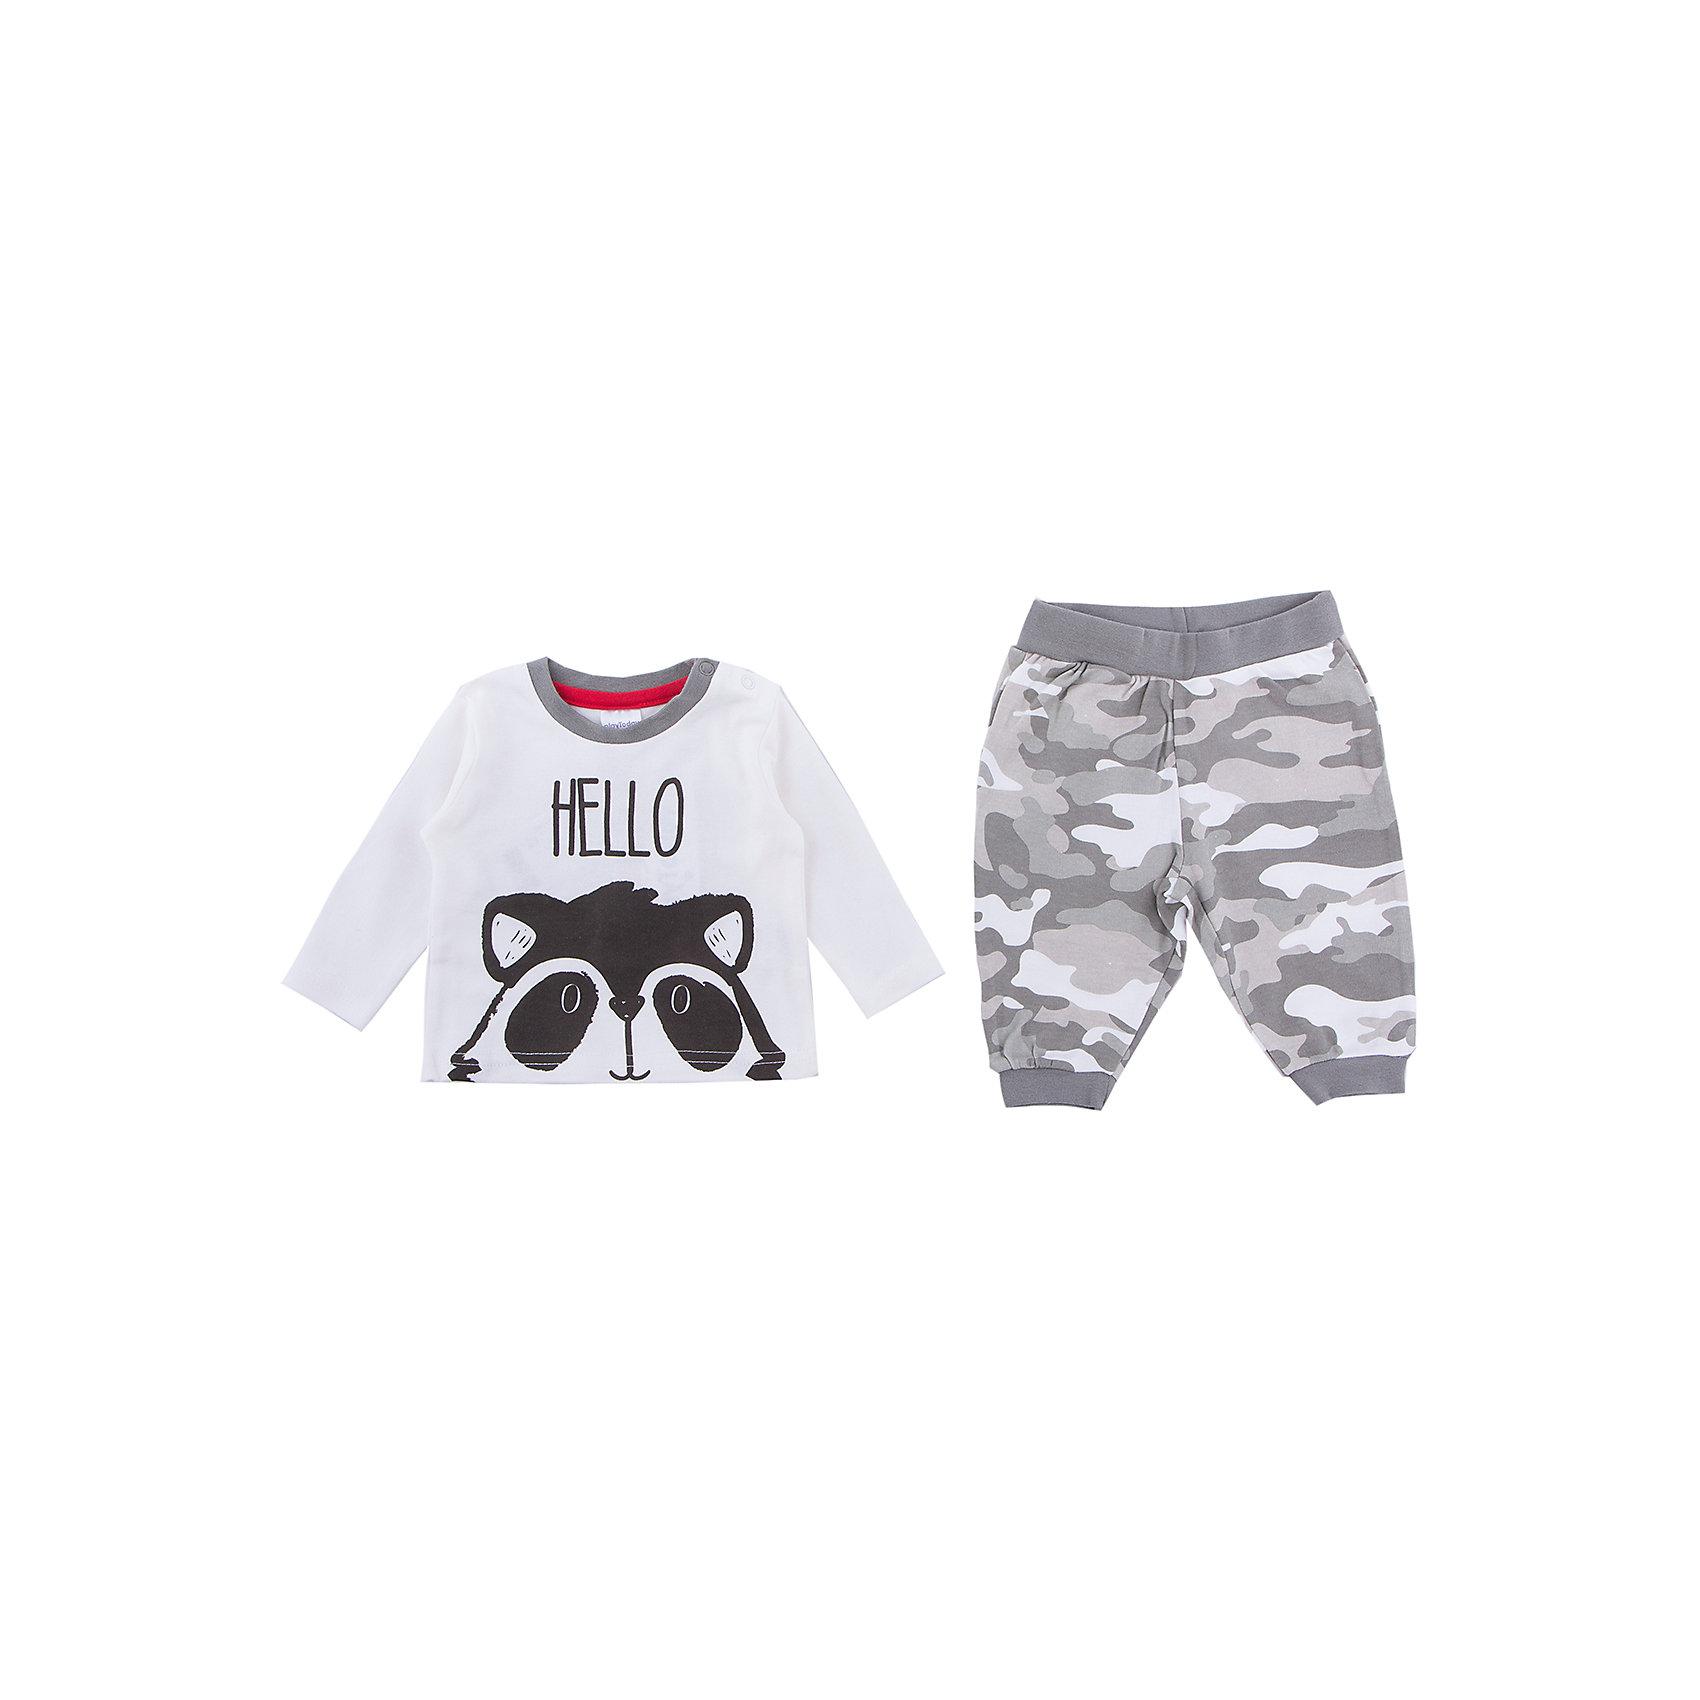 Комплект: футболка с длинным рукавом и брюки PlayToday для мальчикаКомплекты<br>Комплект: футболка с длинным рукавом и брюки PlayToday для мальчика<br>Комплект из футболки с длинным рукавом и брюк сможет быть и повседневной, и домашней одеждой. Для удобства снимания и одевания, горловина дополнена удобными застежками - кнопками. В качестве декора использован эффектный принт. Брюки выполнены из принтованной ткани в стиле милитари. Пояс на широкой резинке, не сдавливающей живот ребенка. Низ брючин на трикотажных манжетах. Горловина футболки усилена специальной плотной вставкой, которая защищает изделие от деформации. Свободный крой не сковывает движений ребенка. Мягкий материал приятен к телу и не вызывает раздражений.<br>Состав:<br>100% хлопок<br><br>Ширина мм: 230<br>Глубина мм: 40<br>Высота мм: 220<br>Вес г: 250<br>Цвет: белый<br>Возраст от месяцев: 0<br>Возраст до месяцев: 3<br>Пол: Мужской<br>Возраст: Детский<br>Размер: 56,62,68,74<br>SKU: 7110039